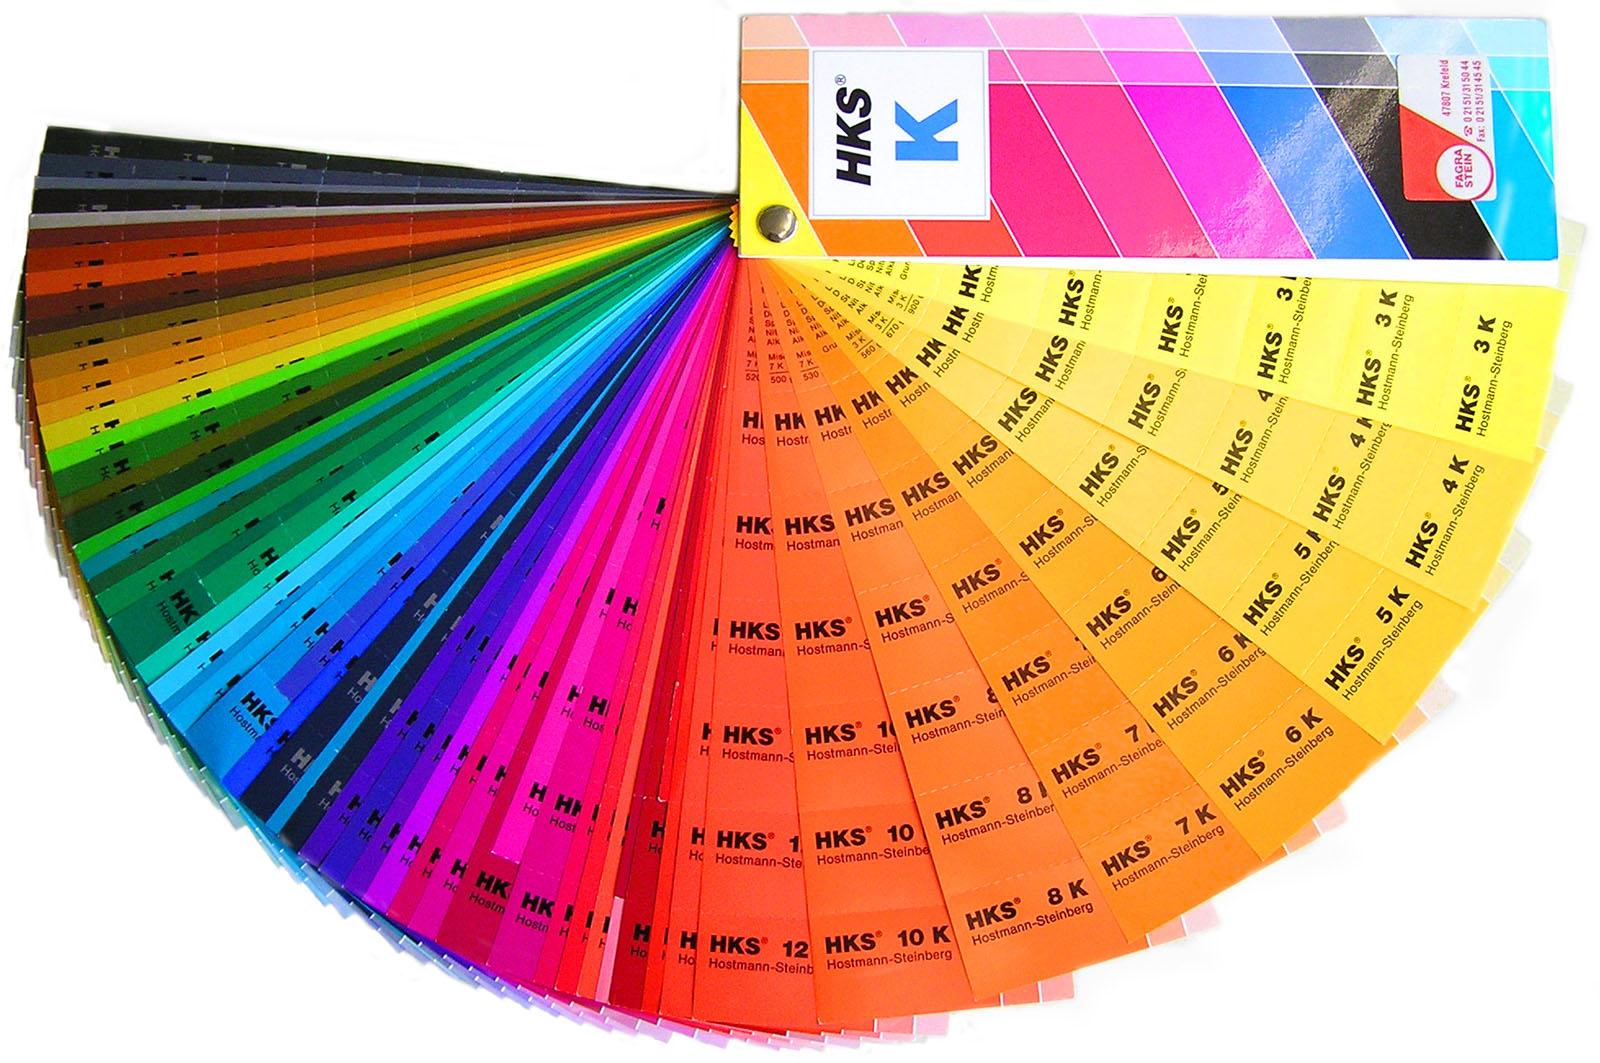 Tabela de conversão de cores para tintas de vários fabricantes